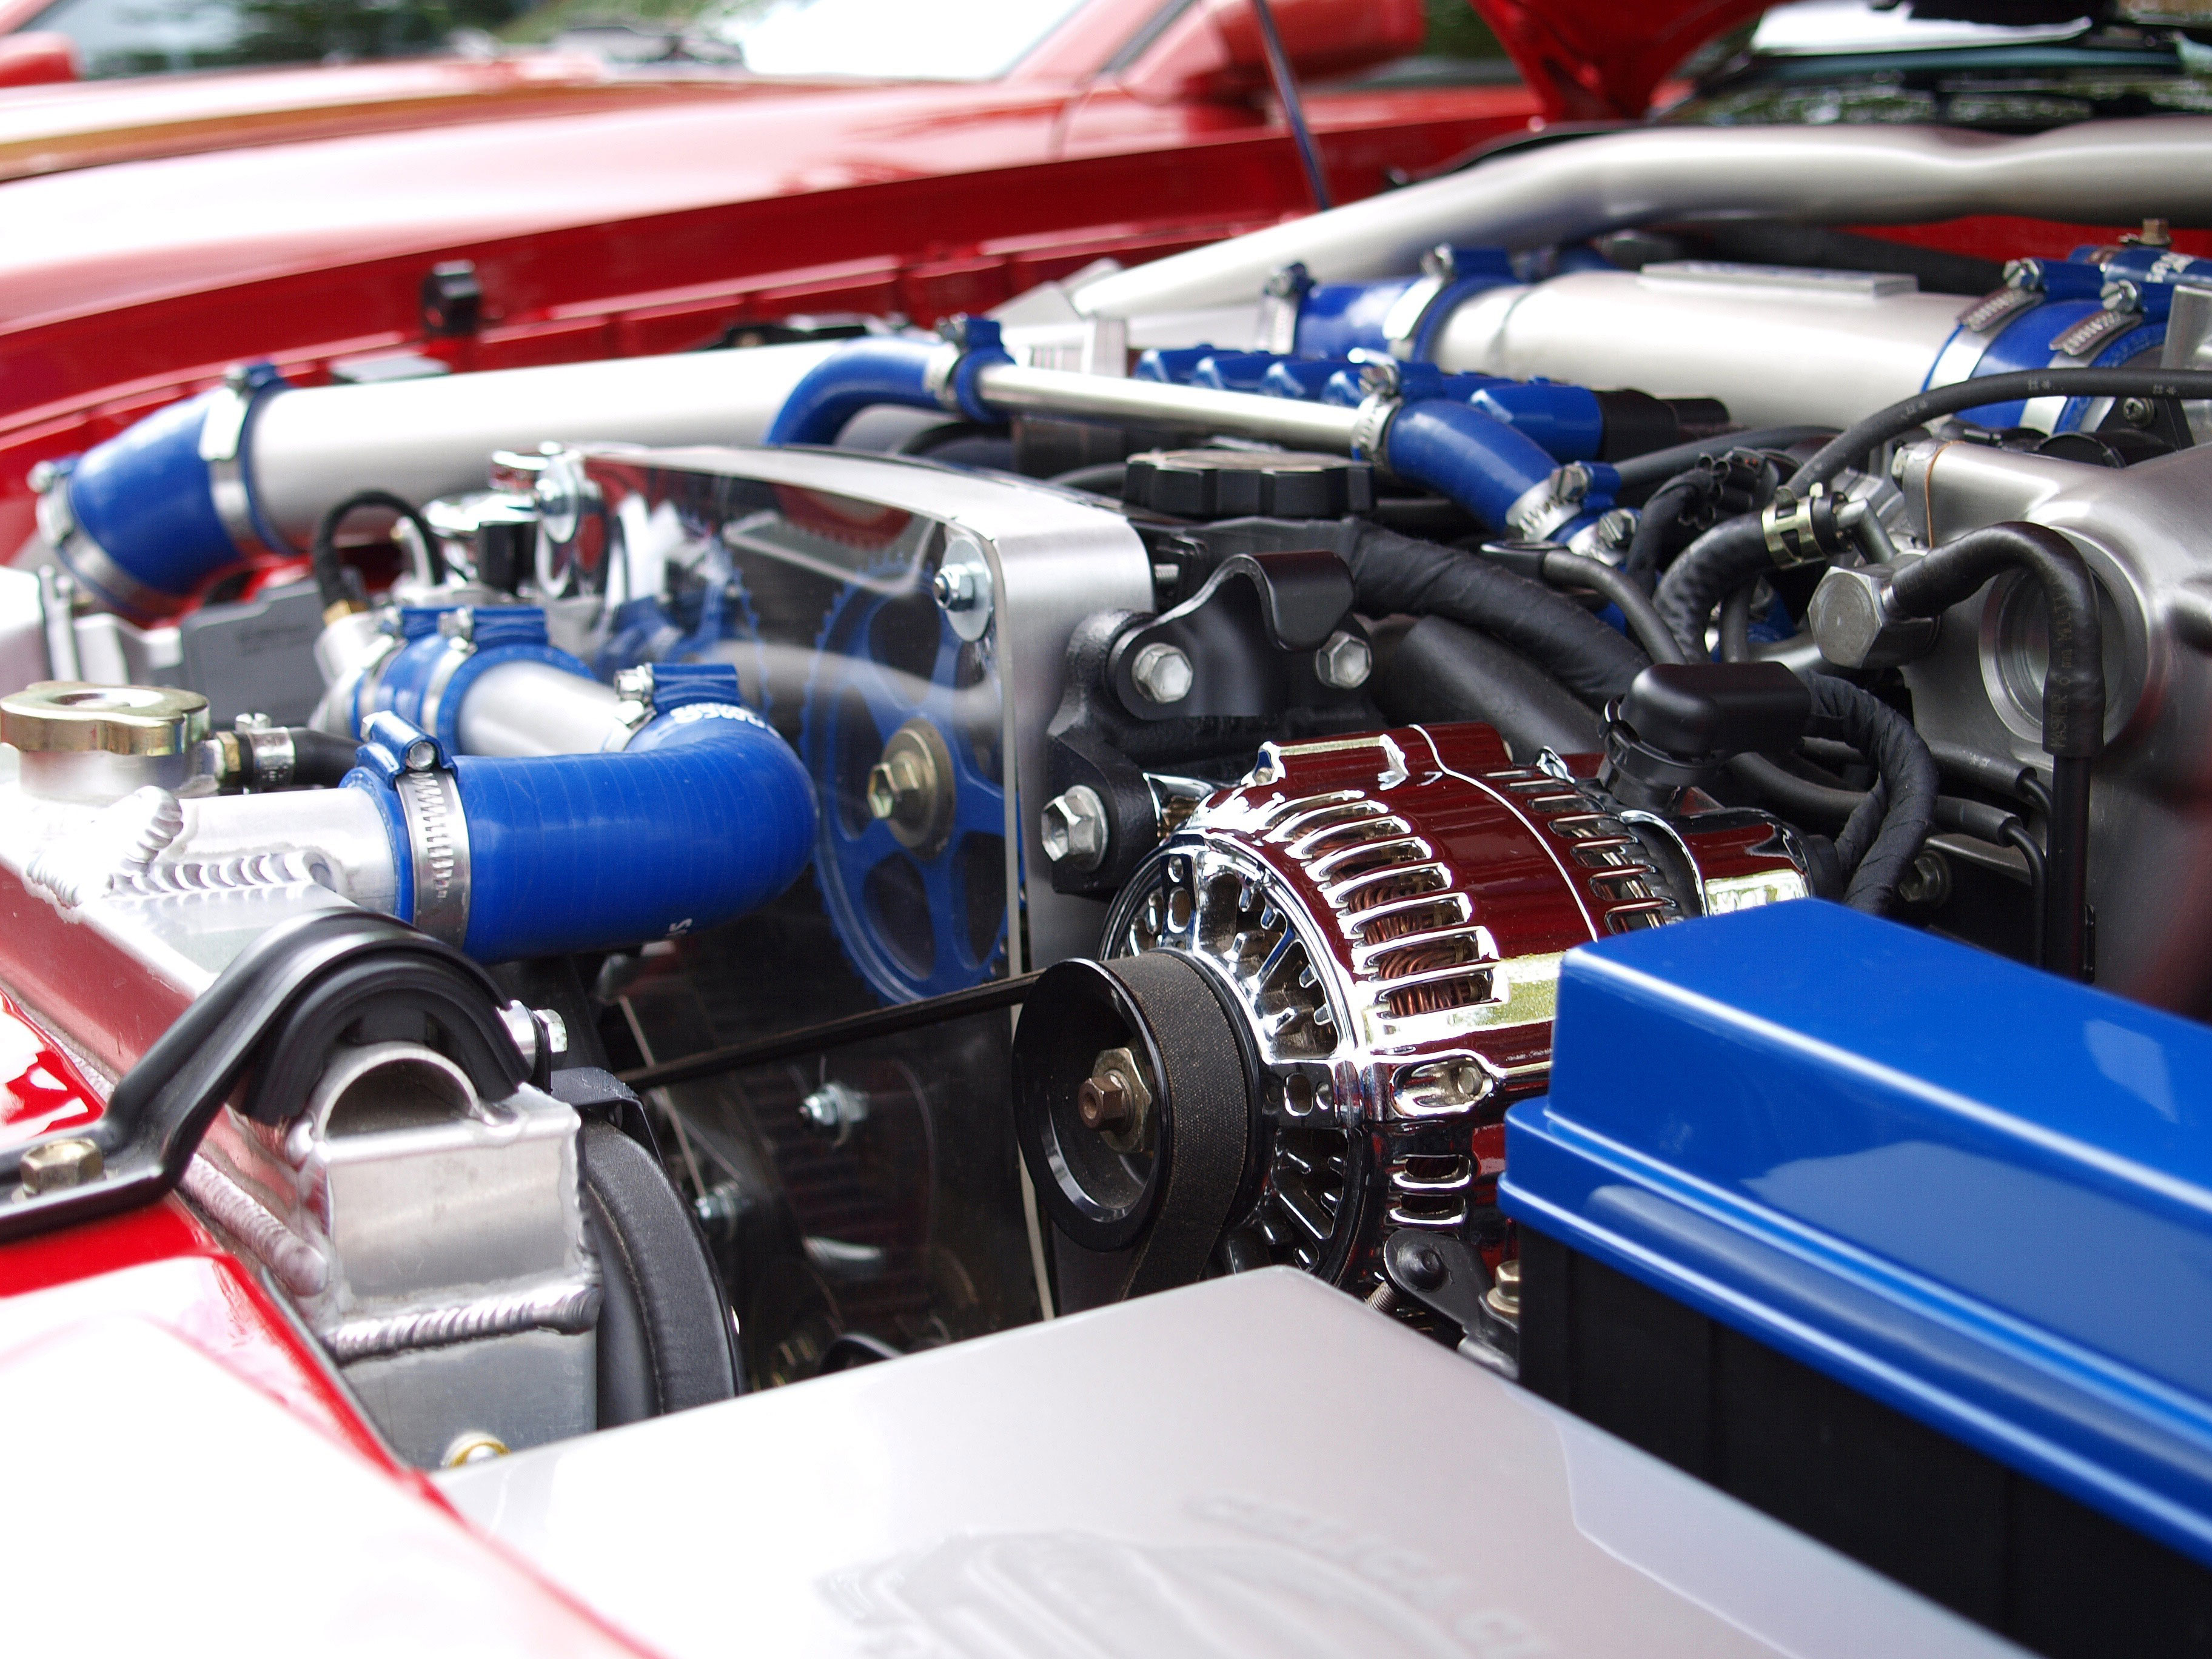 Instandhaltung Verschleiß Auto Wartungsrechnung